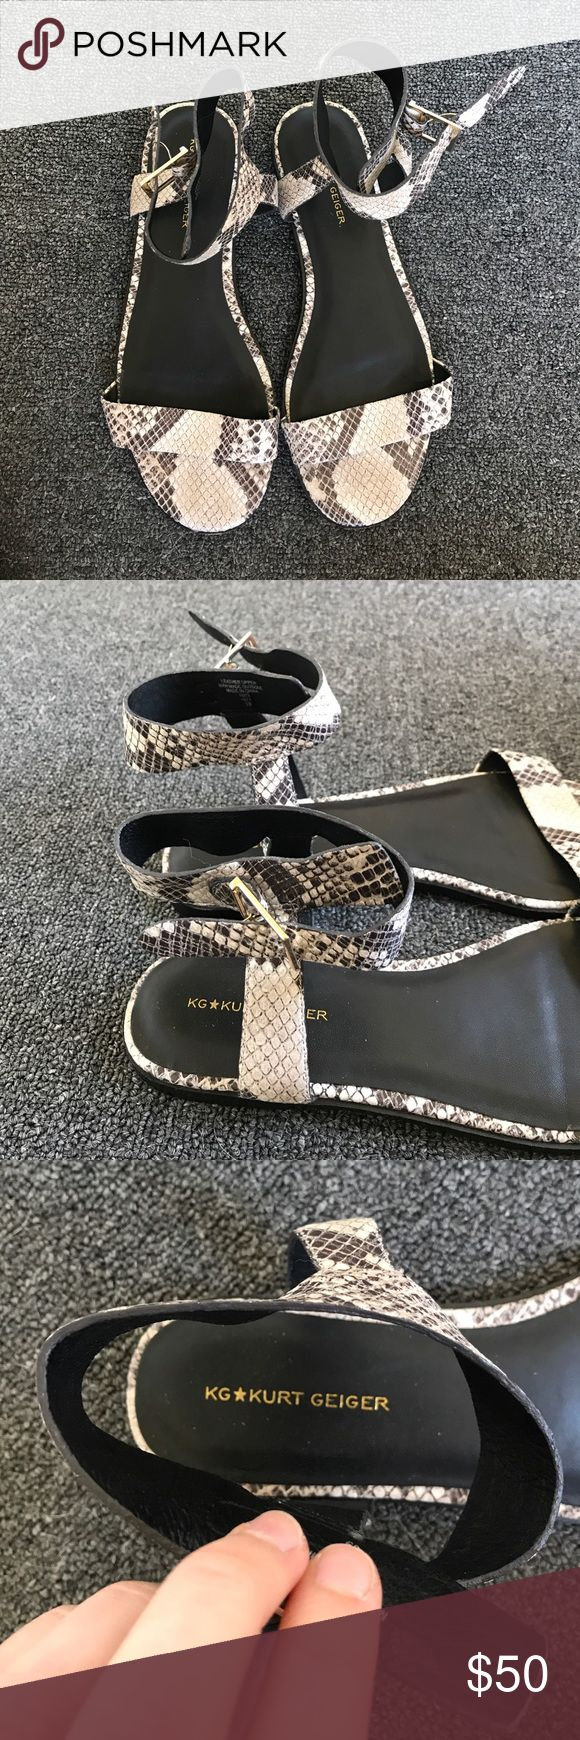 Snake print sandals Ankle straps, side buckle, flat Kurt Geiger Shoes Sandals